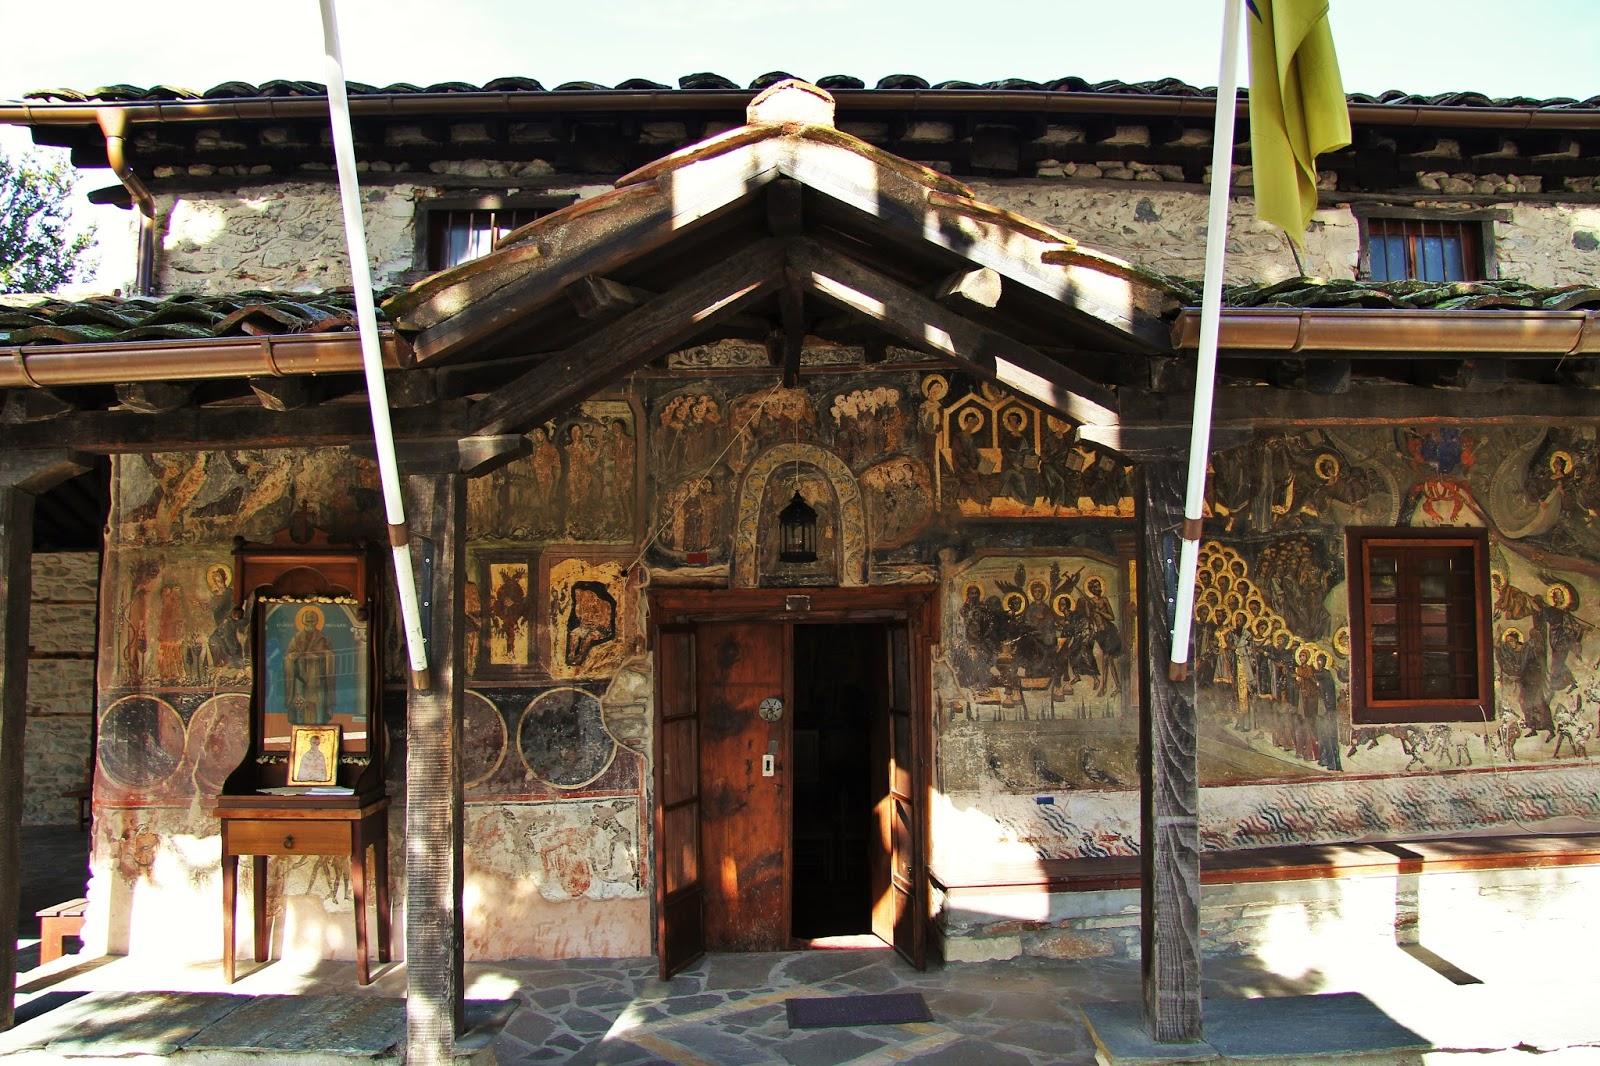 Ταξίδι στην πατρίδα των Μουσών , το Βελβεντό Κοζάνης